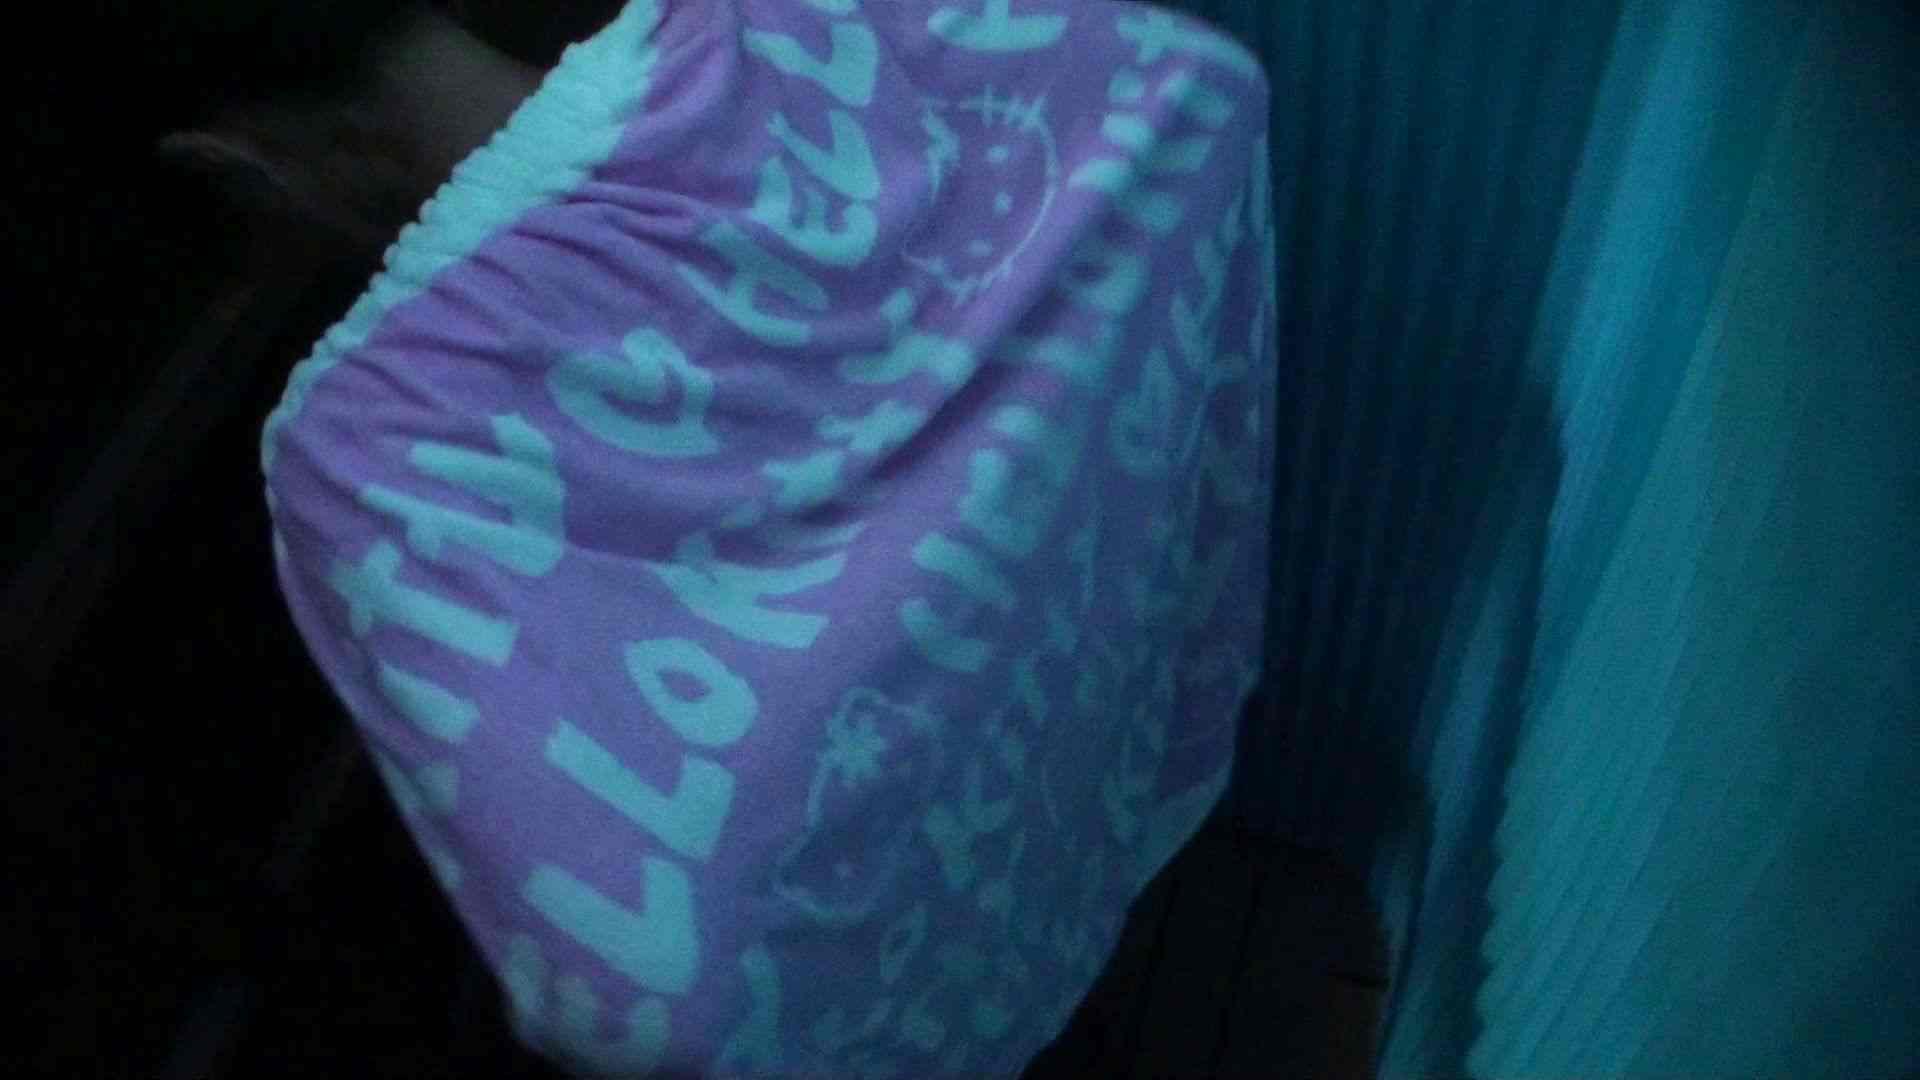 シャワールームは超!!危険な香りVol.26 大学生風美形ギャル 暗さが残念! 高画質  103PIX 36